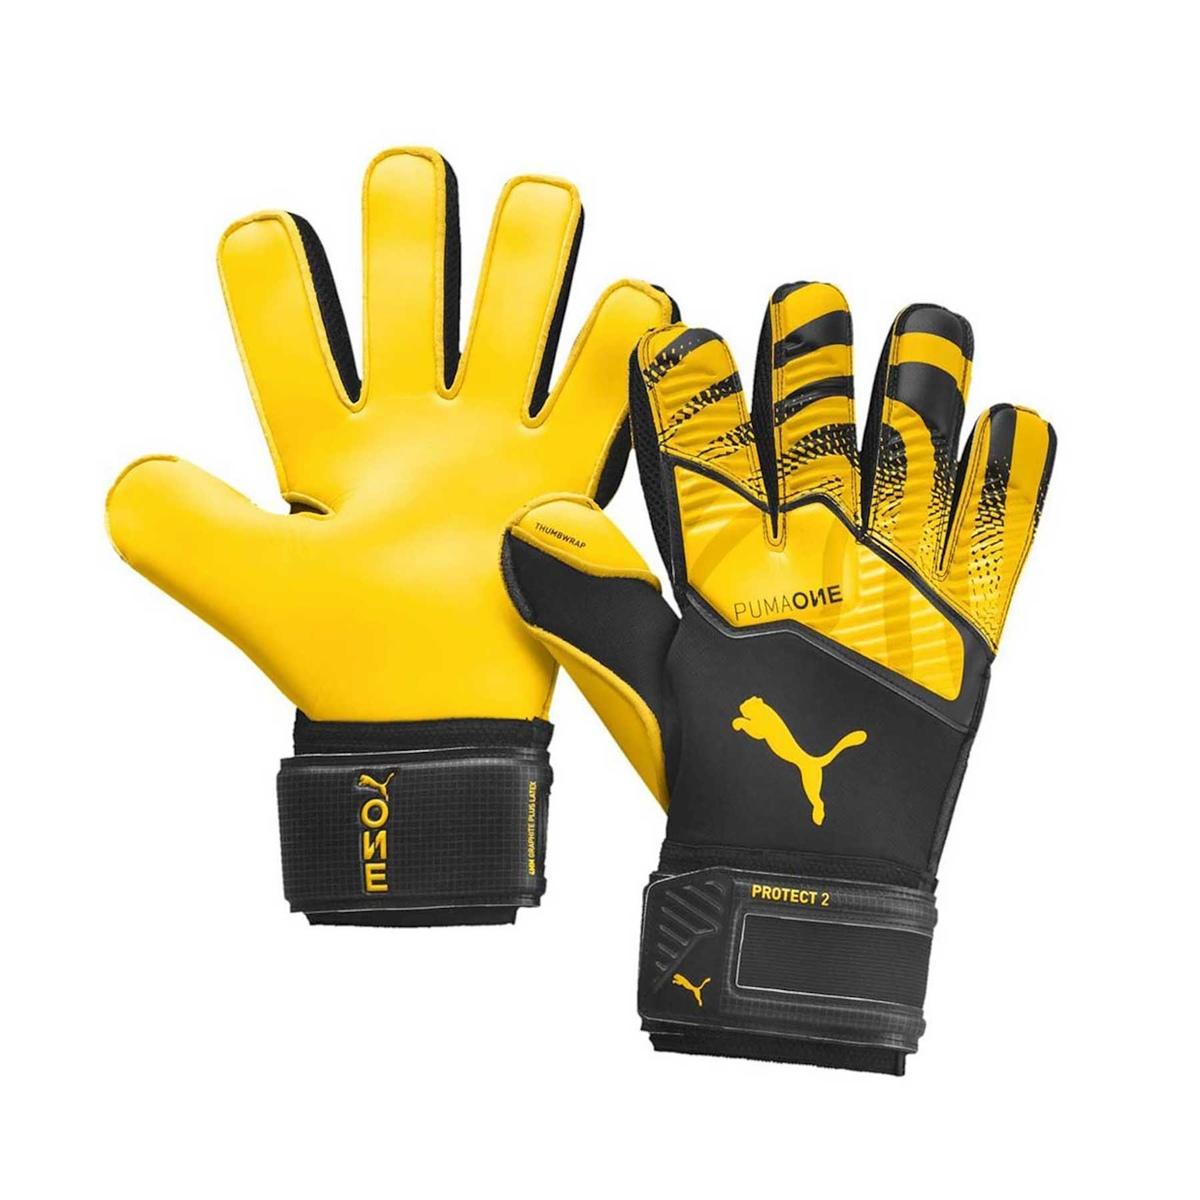 puma guanti portiere one protect 2 rc uomo